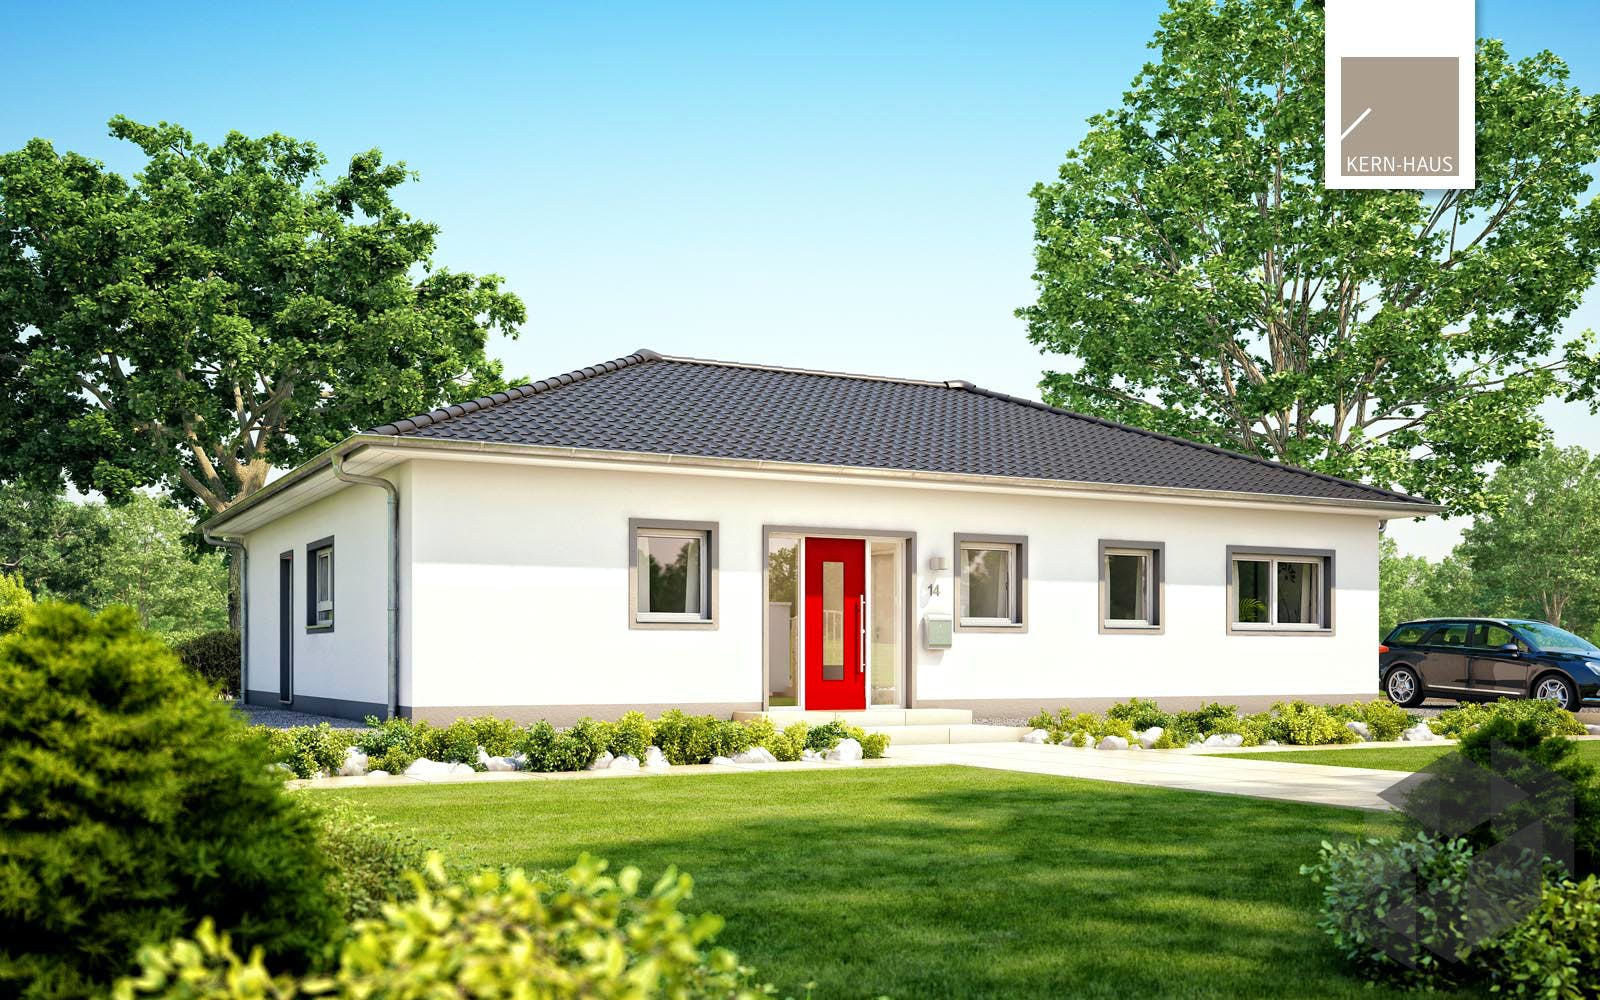 bungalow balance von kern haus komplette daten bersicht. Black Bedroom Furniture Sets. Home Design Ideas